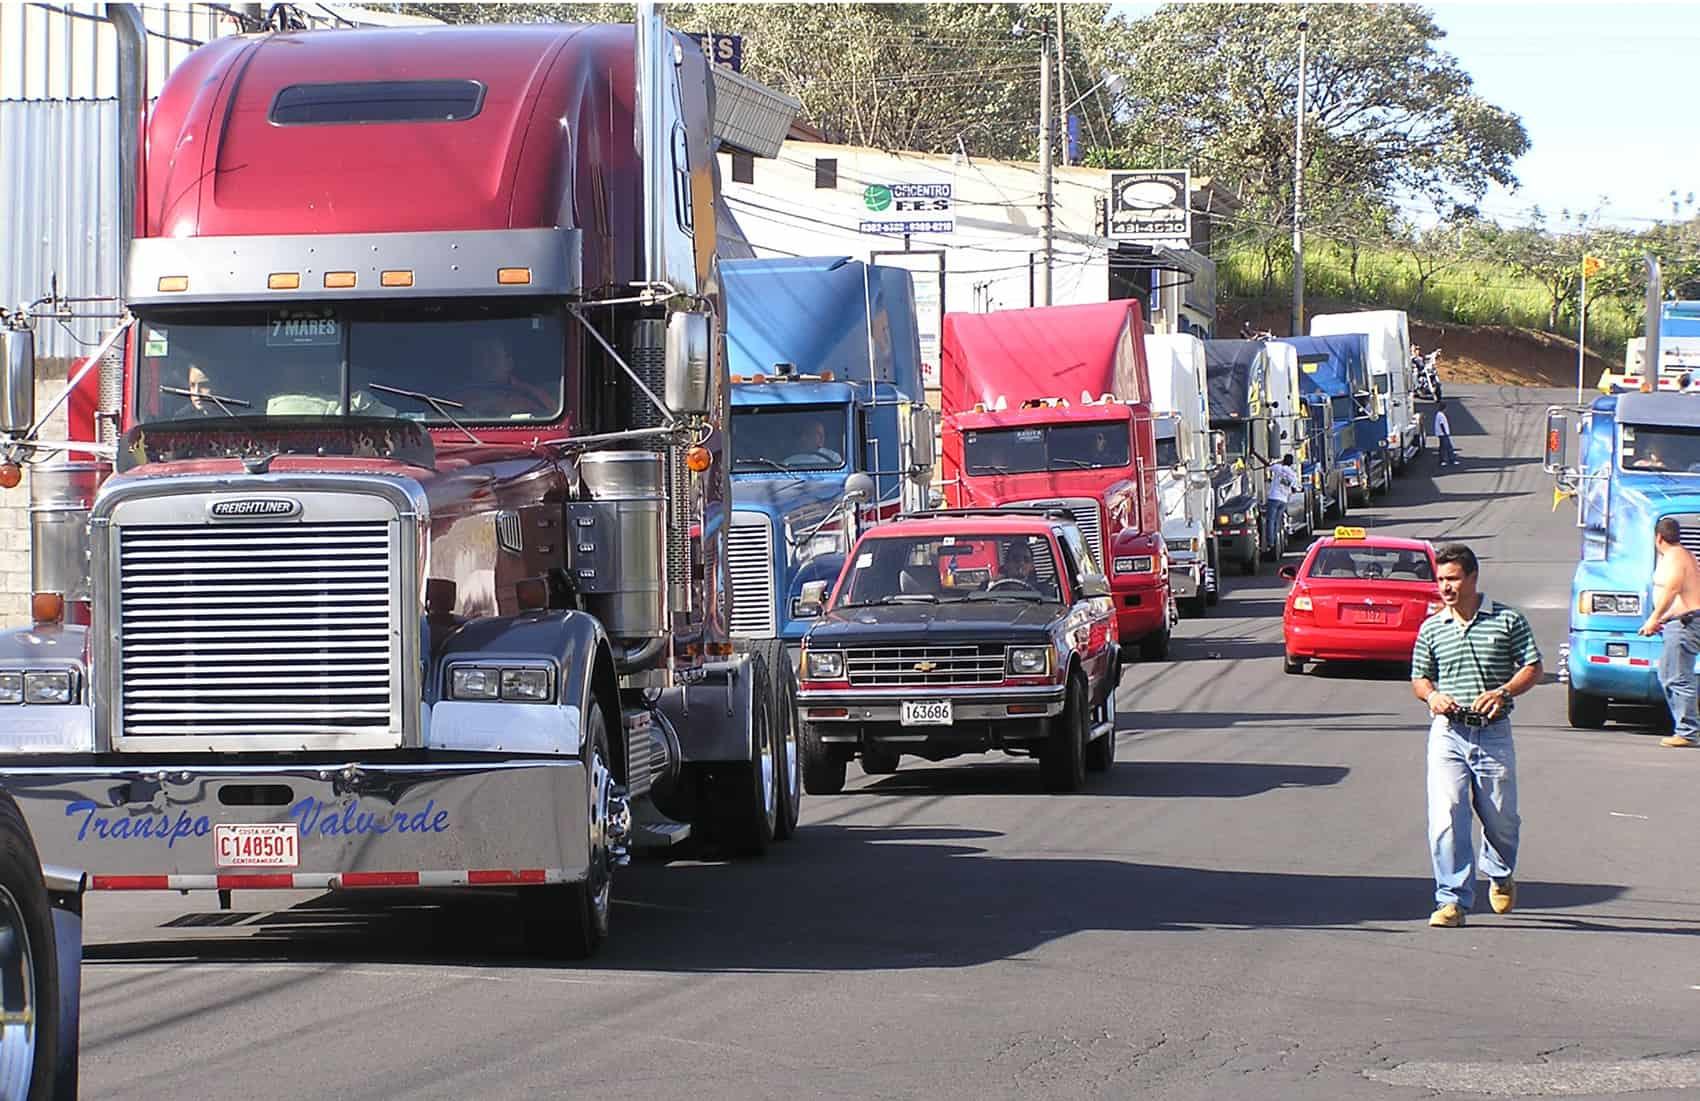 Trucks in Costa Rica